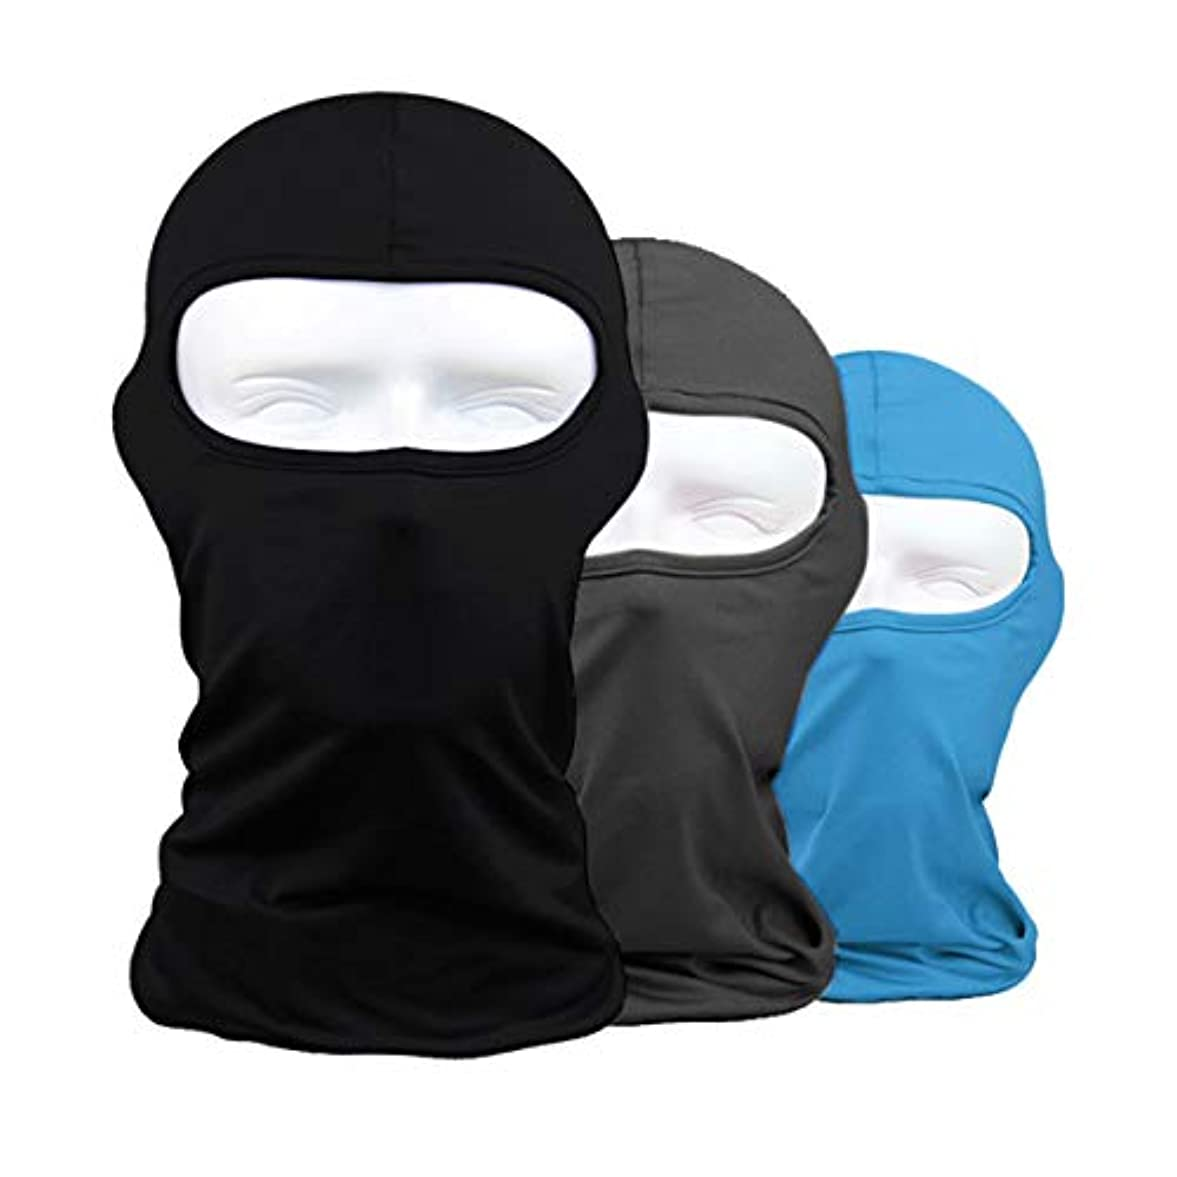 ロケーション摂氏度憂鬱フェイスマスク 通気 速乾 ヘッドウェア ライクラ生地 目だし帽 バラクラバ 保温 UVカット,ブラック + グレー + ブルー,3枚